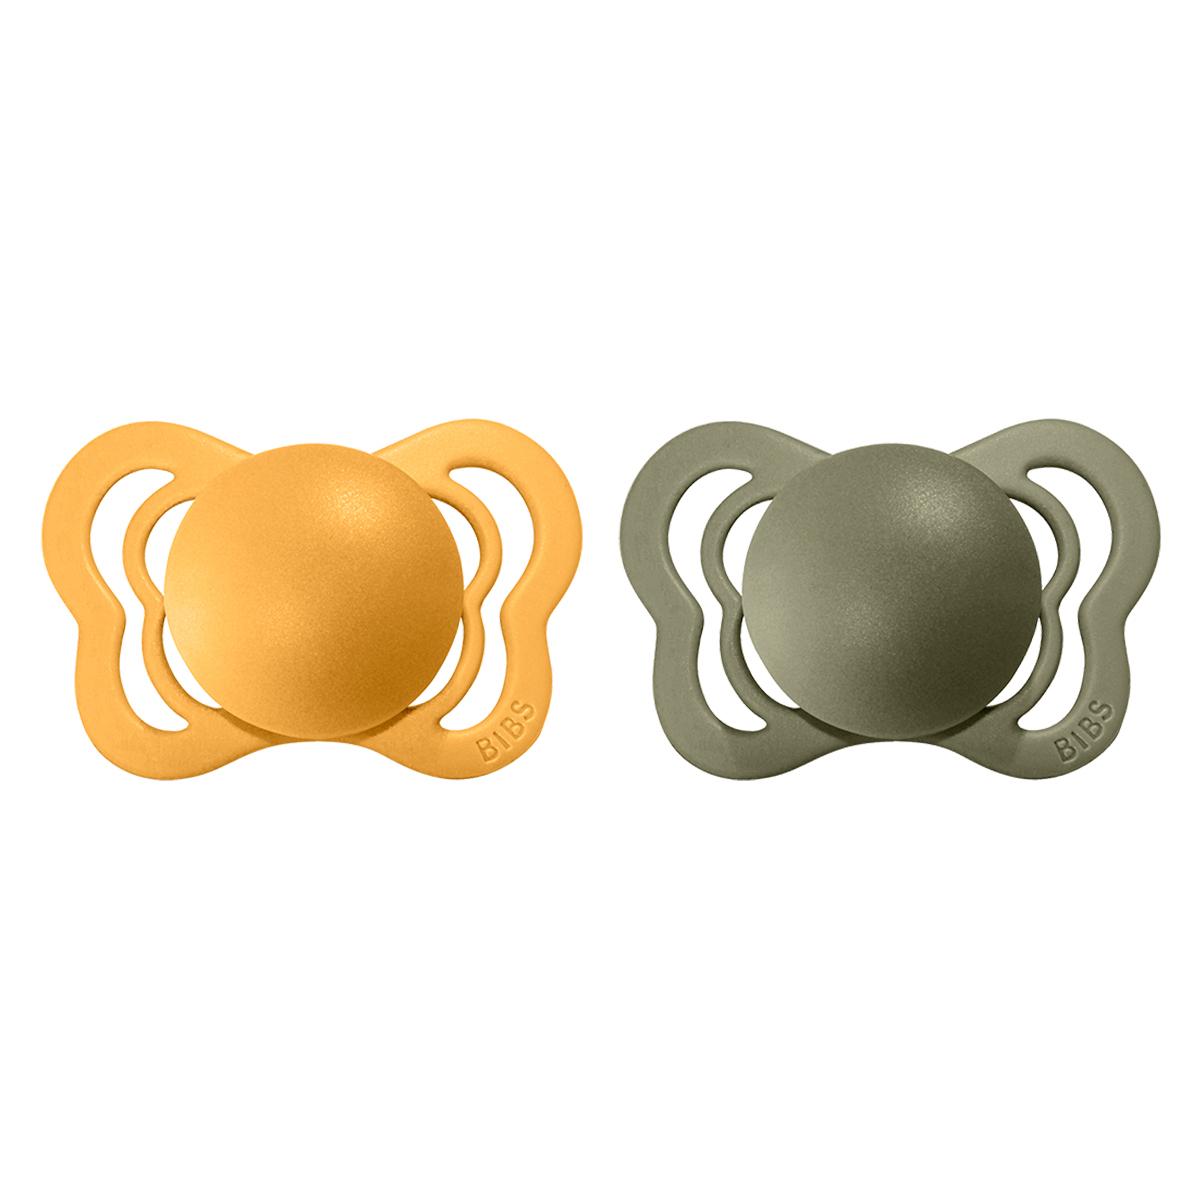 Sucette Lot de 2 Tétines Couture Honey Bee & Olive - 0/6 Mois Lot de 2 Tétines Couture Honey Bee & Olive - 0/6 Mois